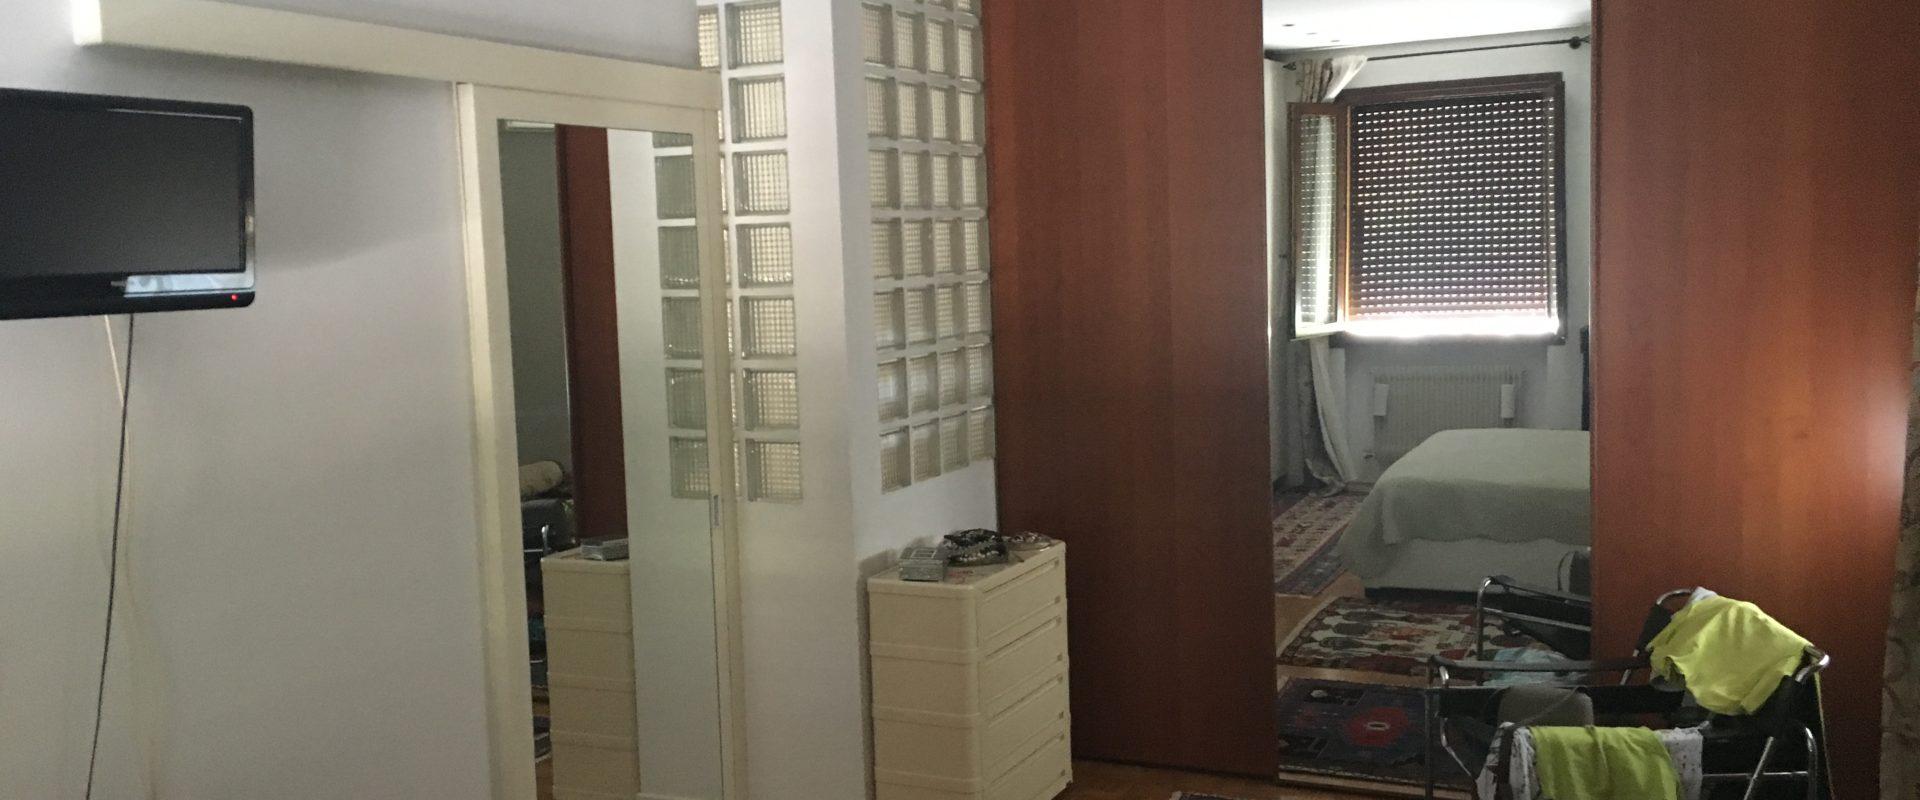 Vendita appartamento a Cittadella – 5 locali. INTROVABILE